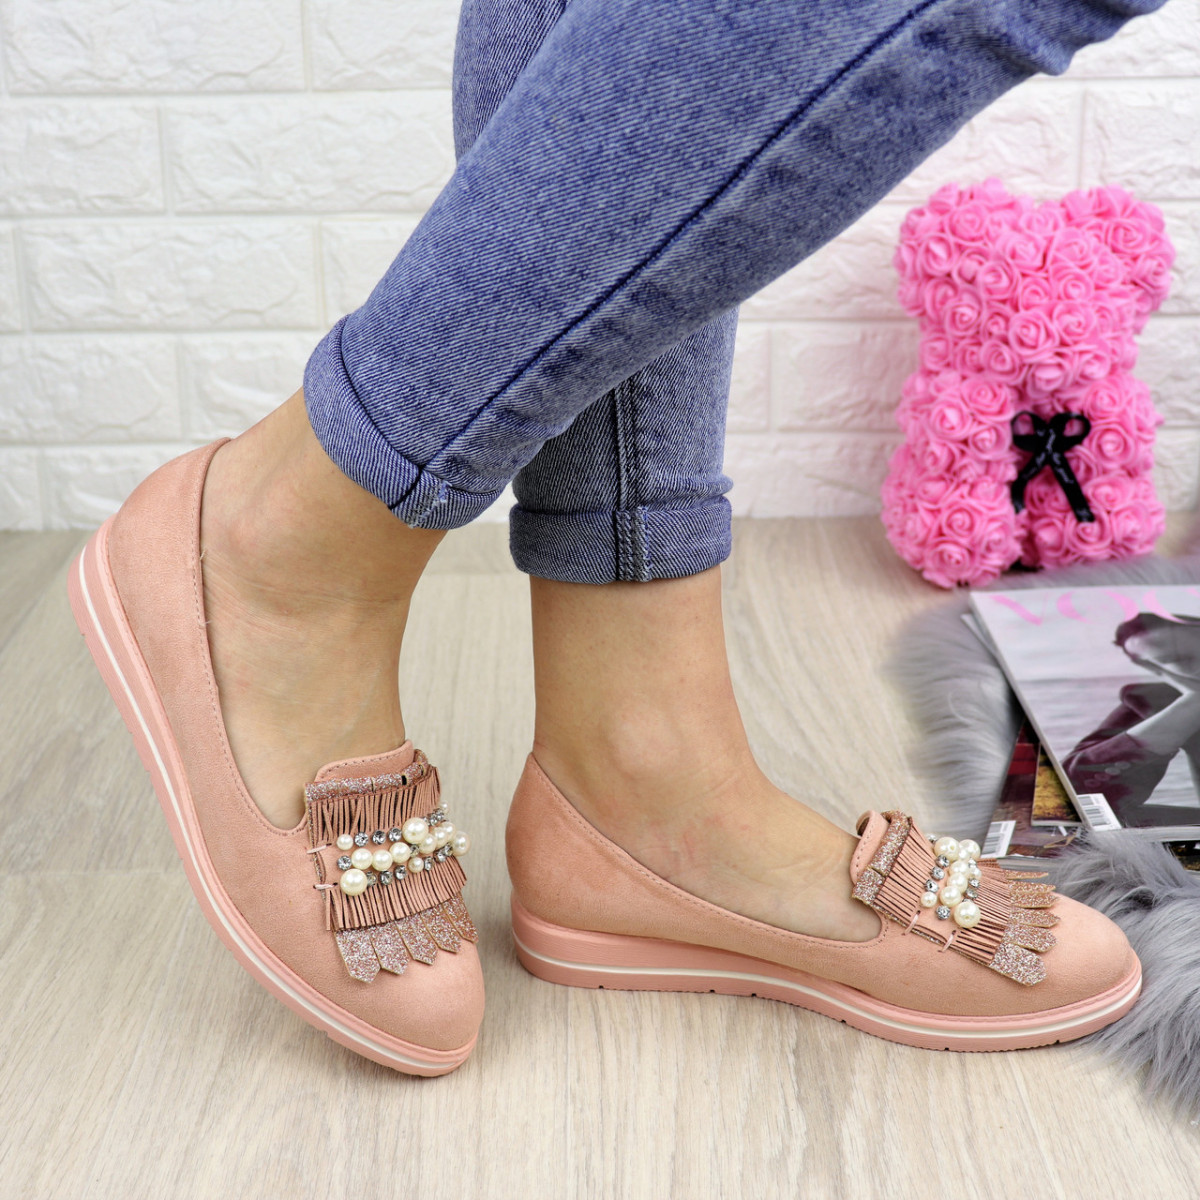 Туфли женские Pearl пудровые 1038